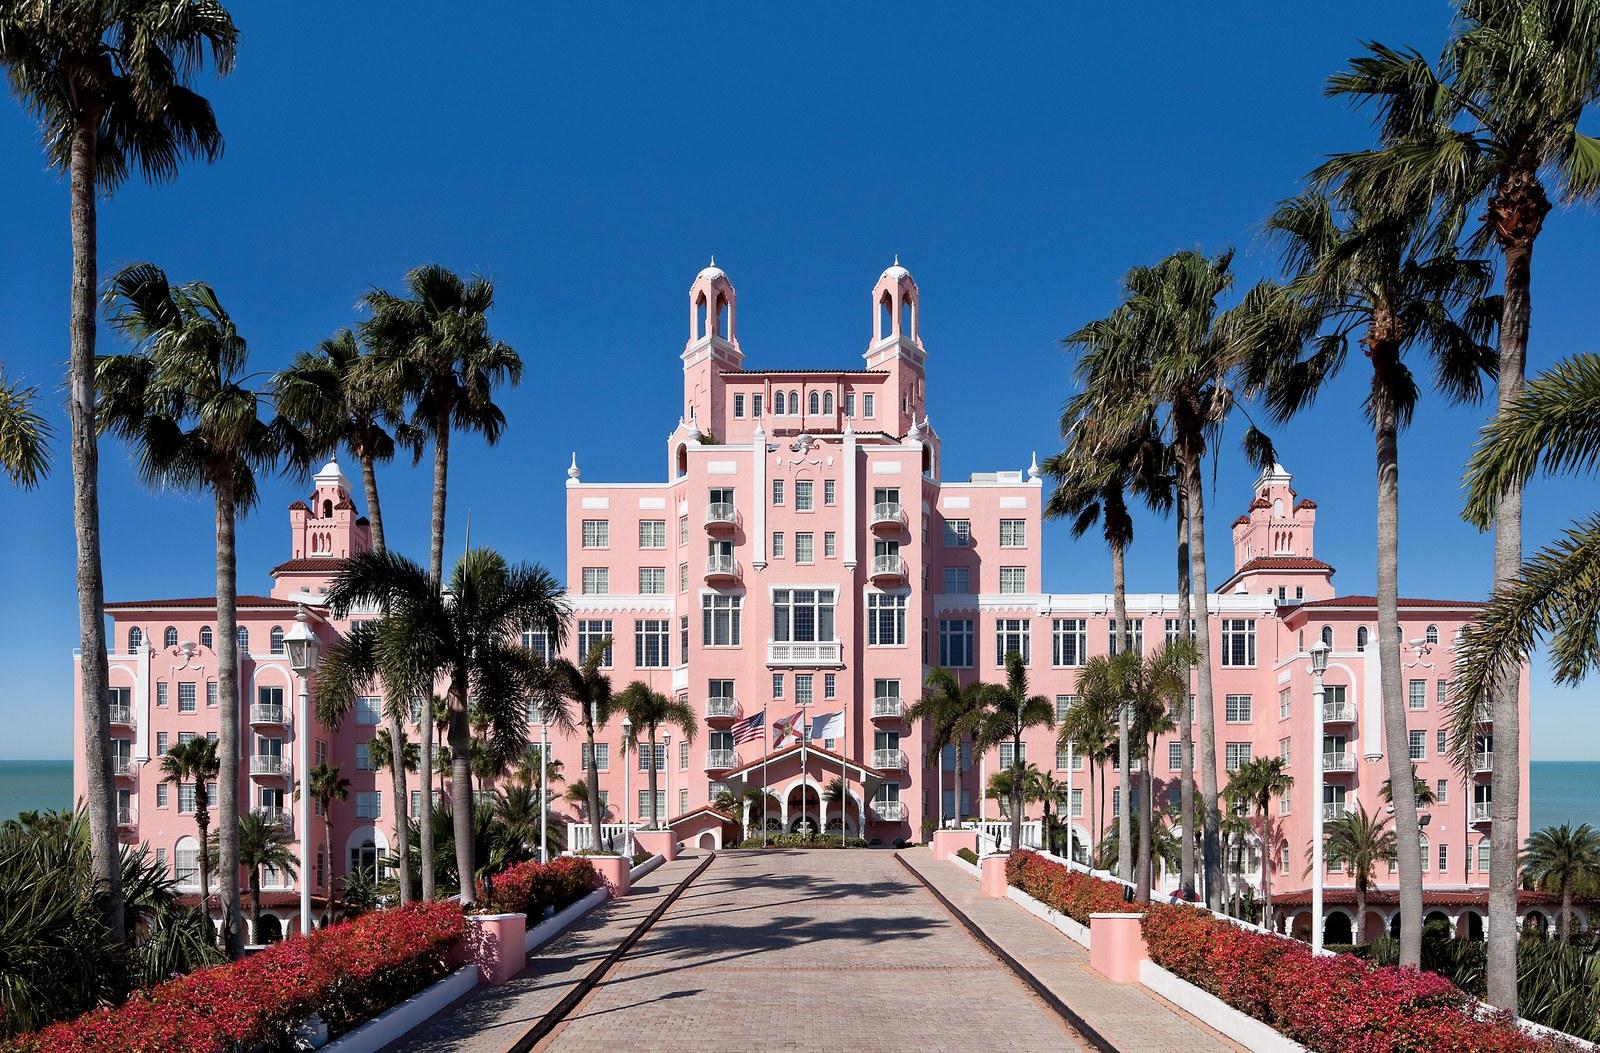 The facade of Don CeSar Hotel